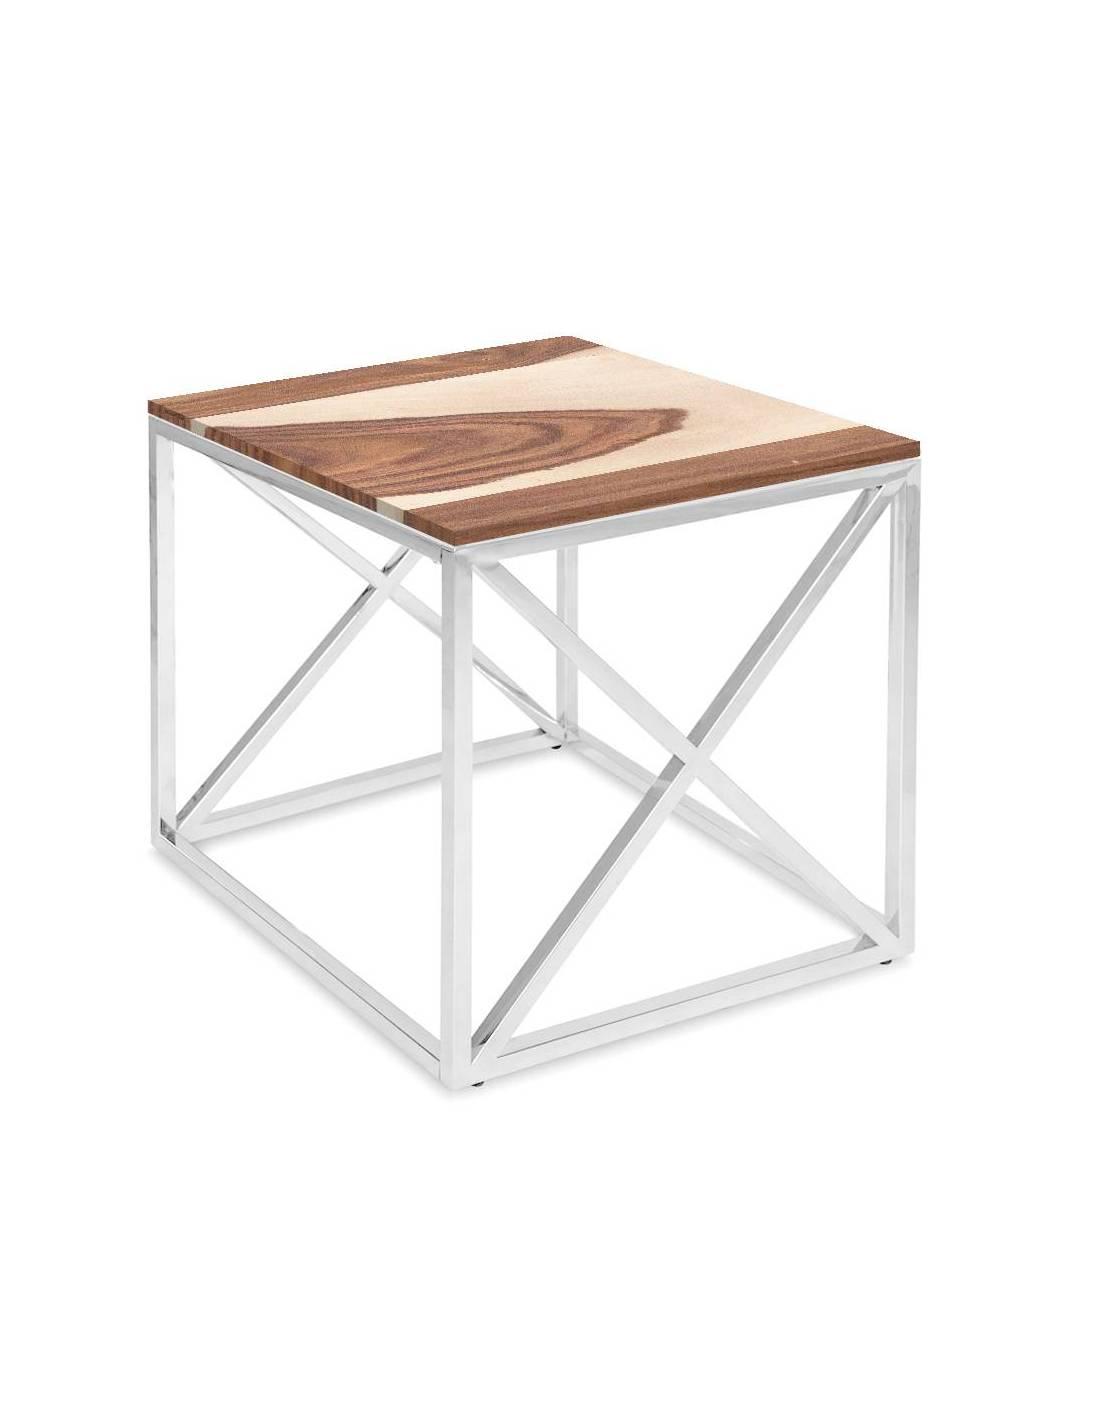 Chromowany metalowy srebrny stolik z blatem z egzotycznego drewna